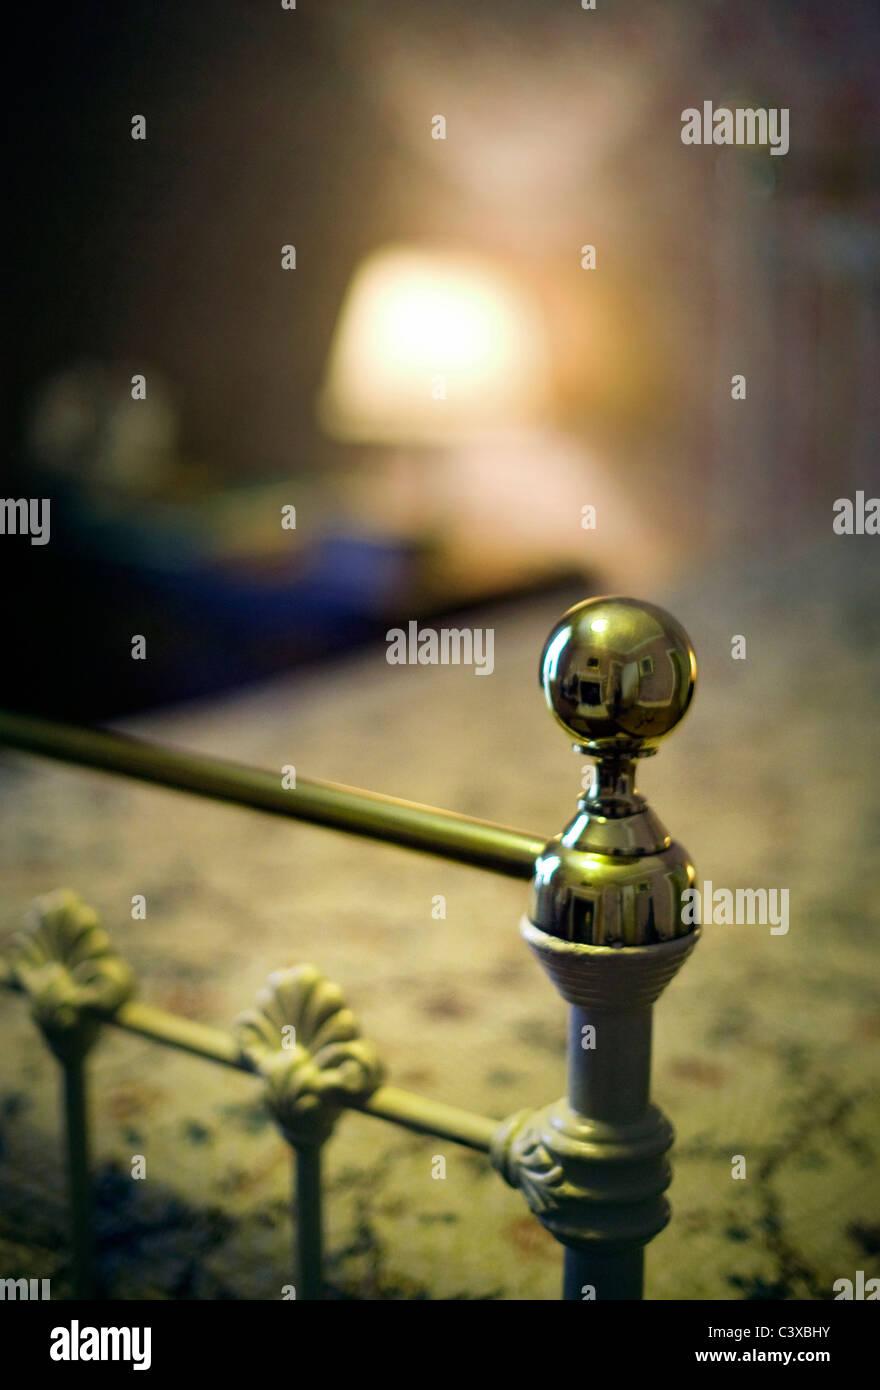 Catre de latón y lámpara de mesa Imagen De Stock